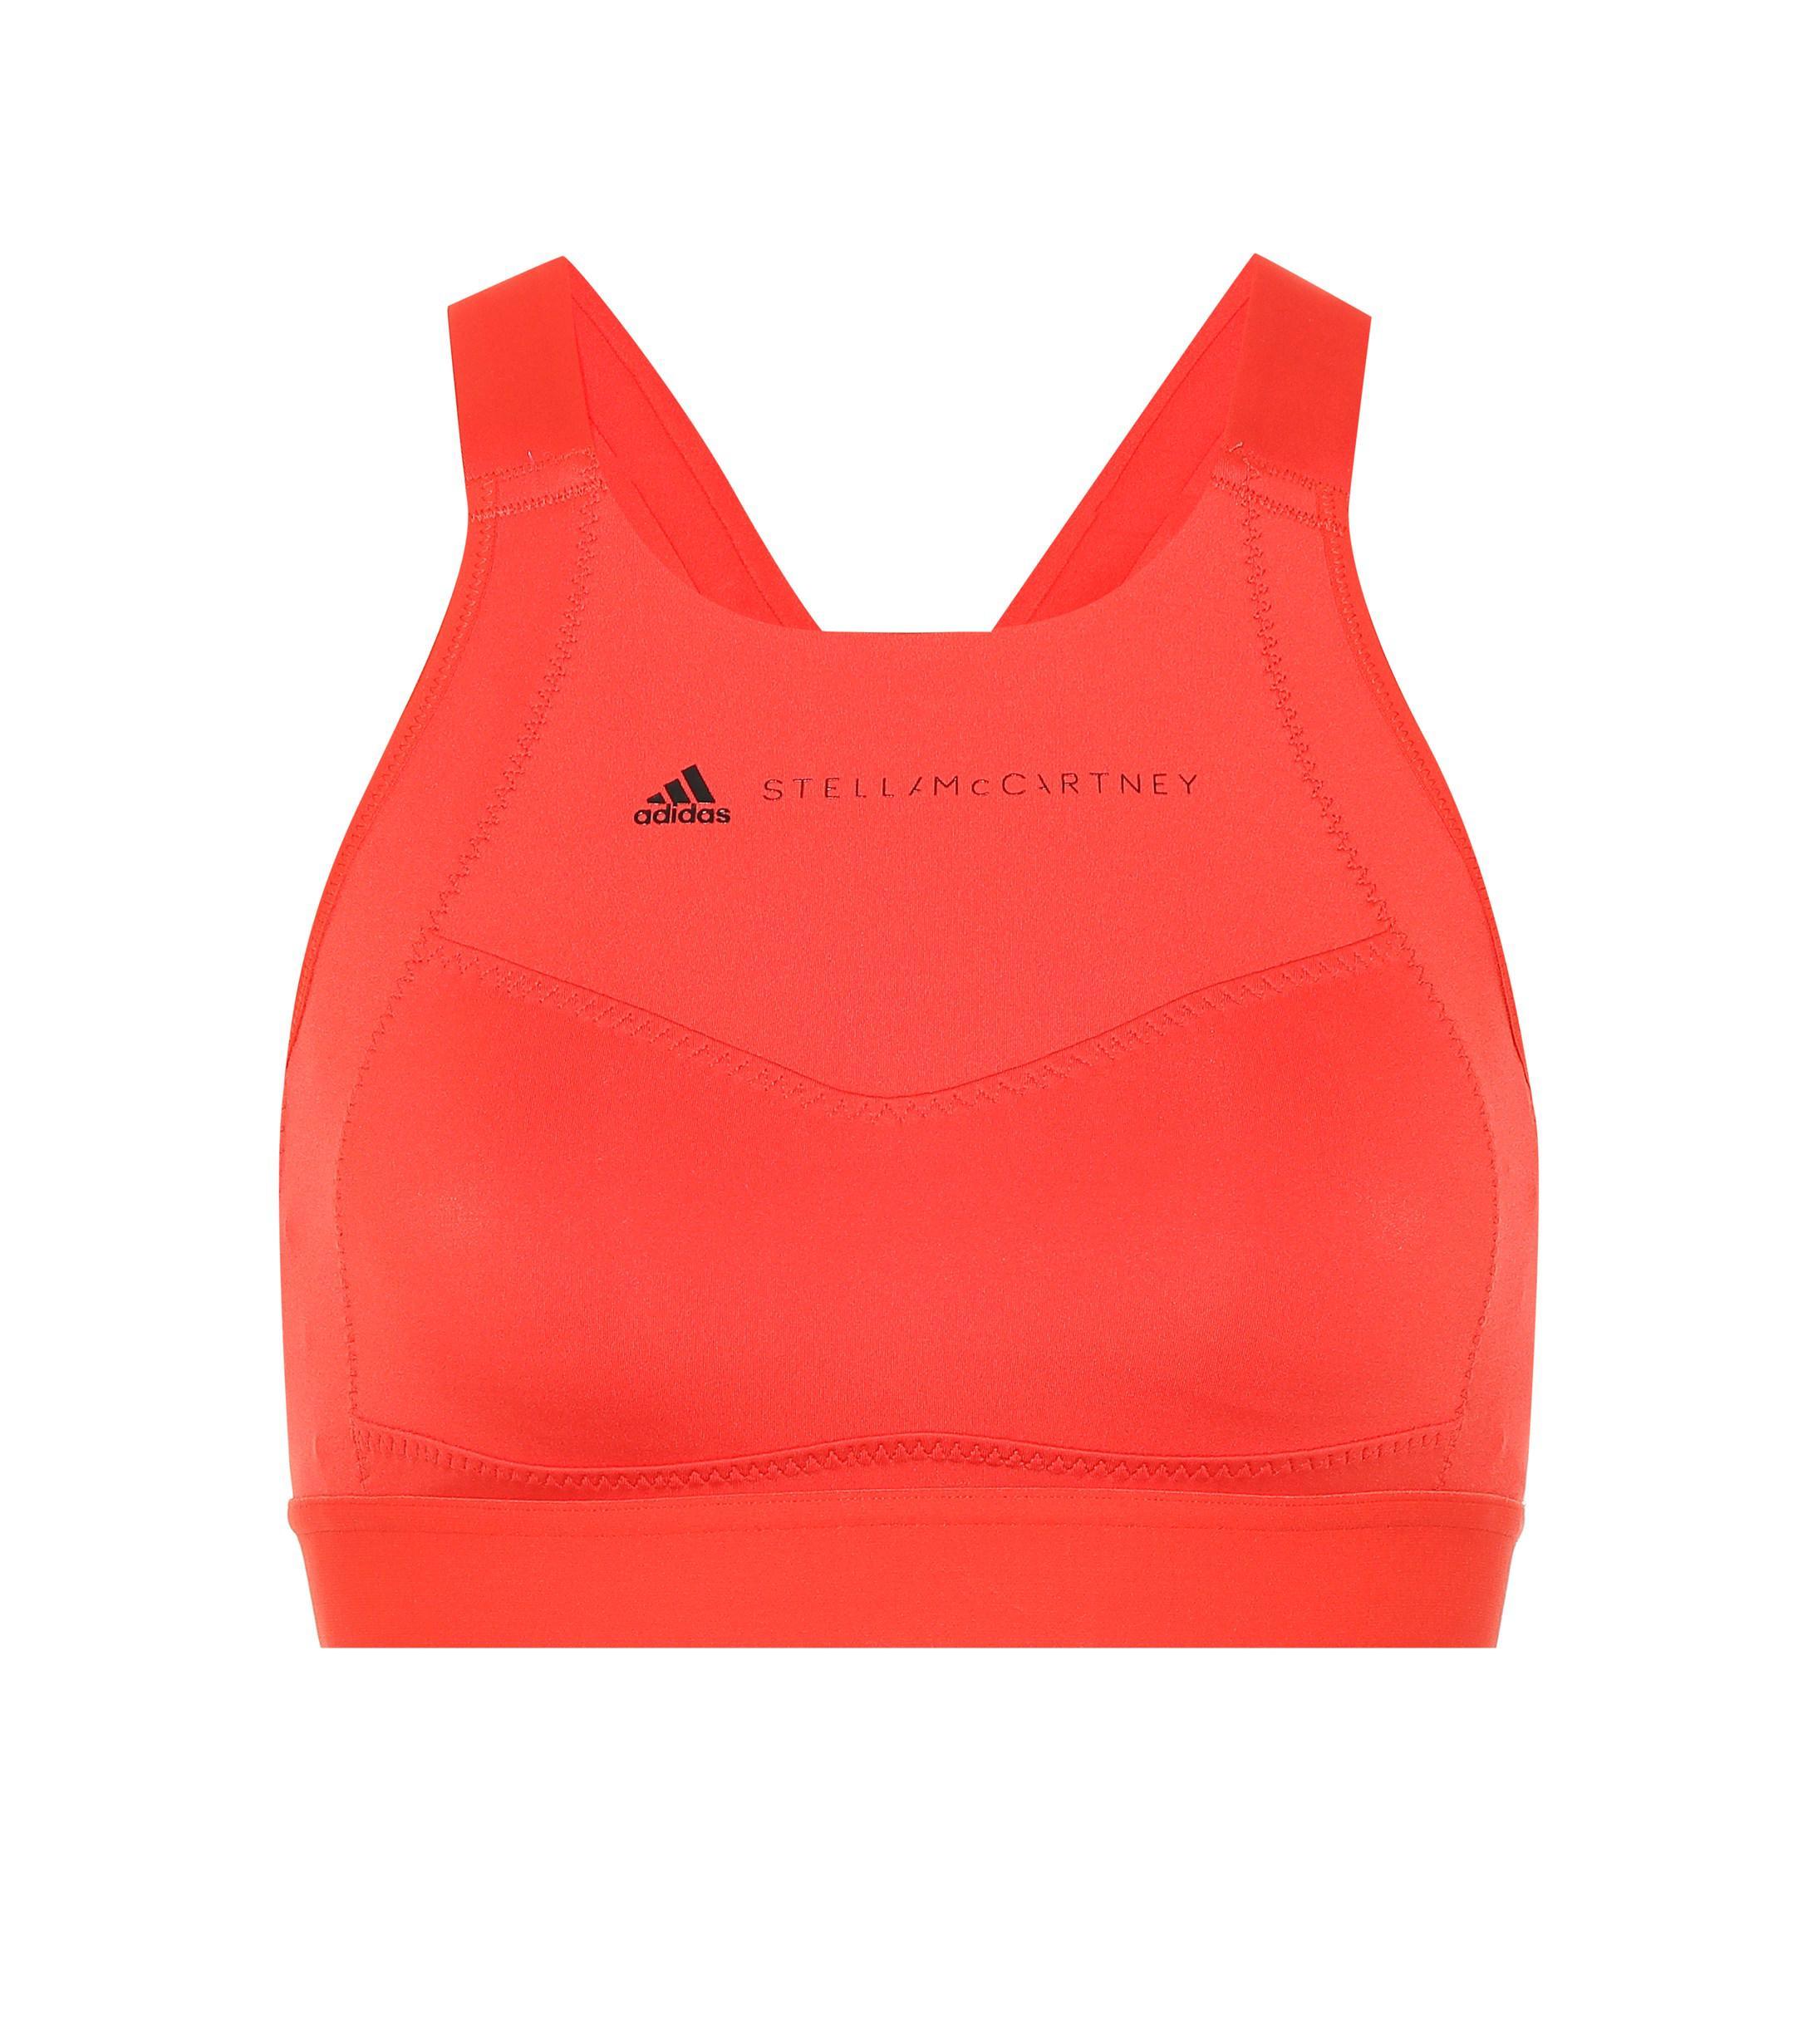 90b819e453f7b Lyst - Adidas By Stella Mccartney Stretch Sports Bra in Red